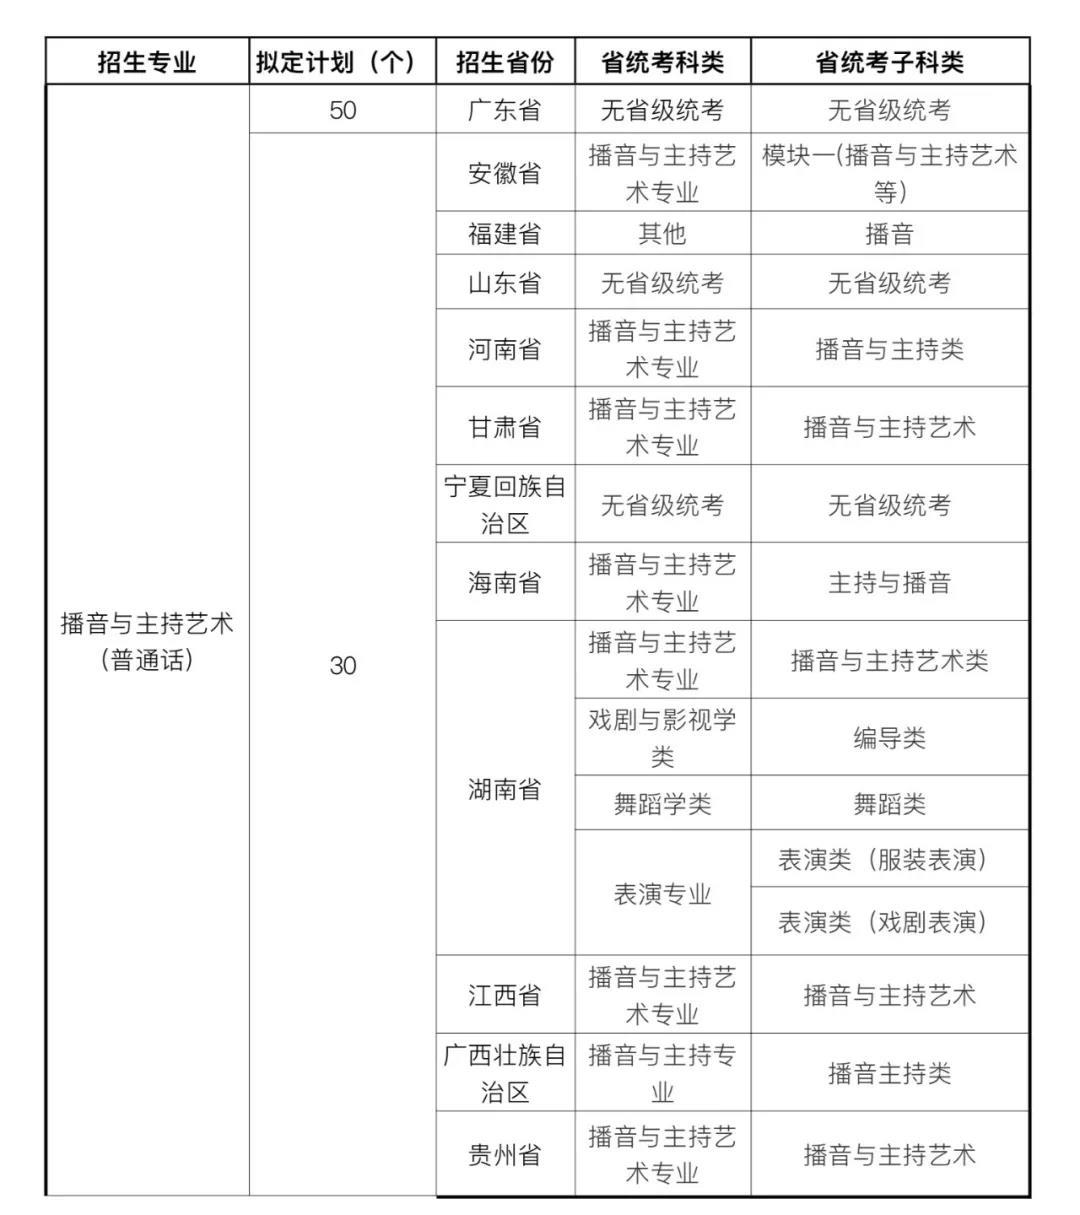 广州体育学院2021年艺术类专业招生简章